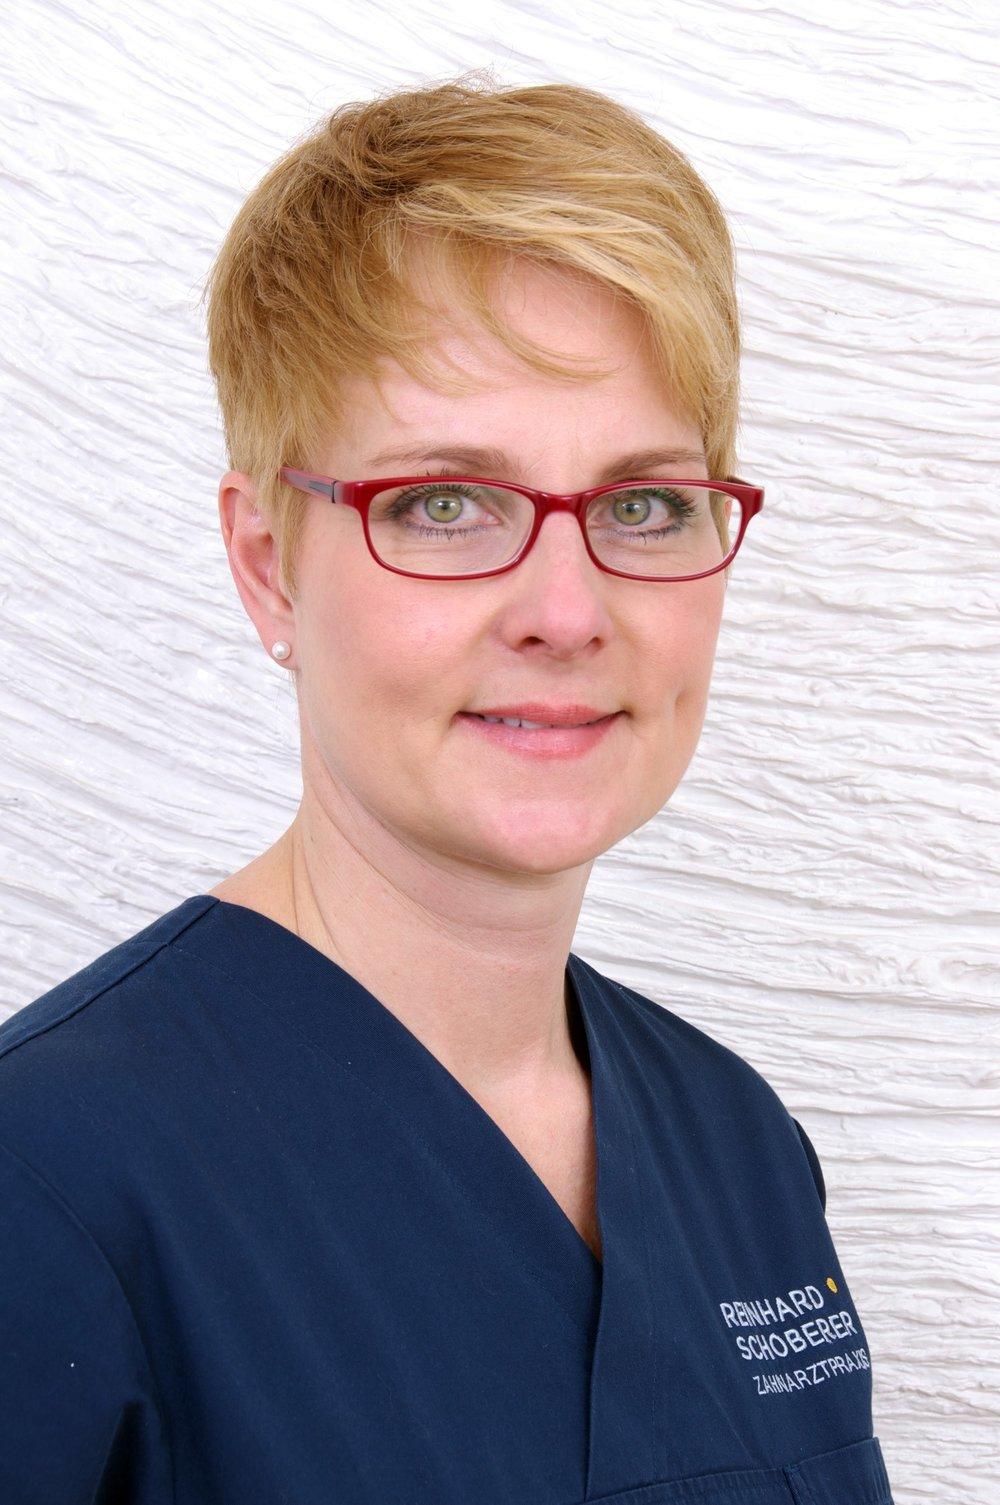 Zahnarztpraxis-Schoberer-Gruenwald-Team-Angelika-Zuleger-1.jpg